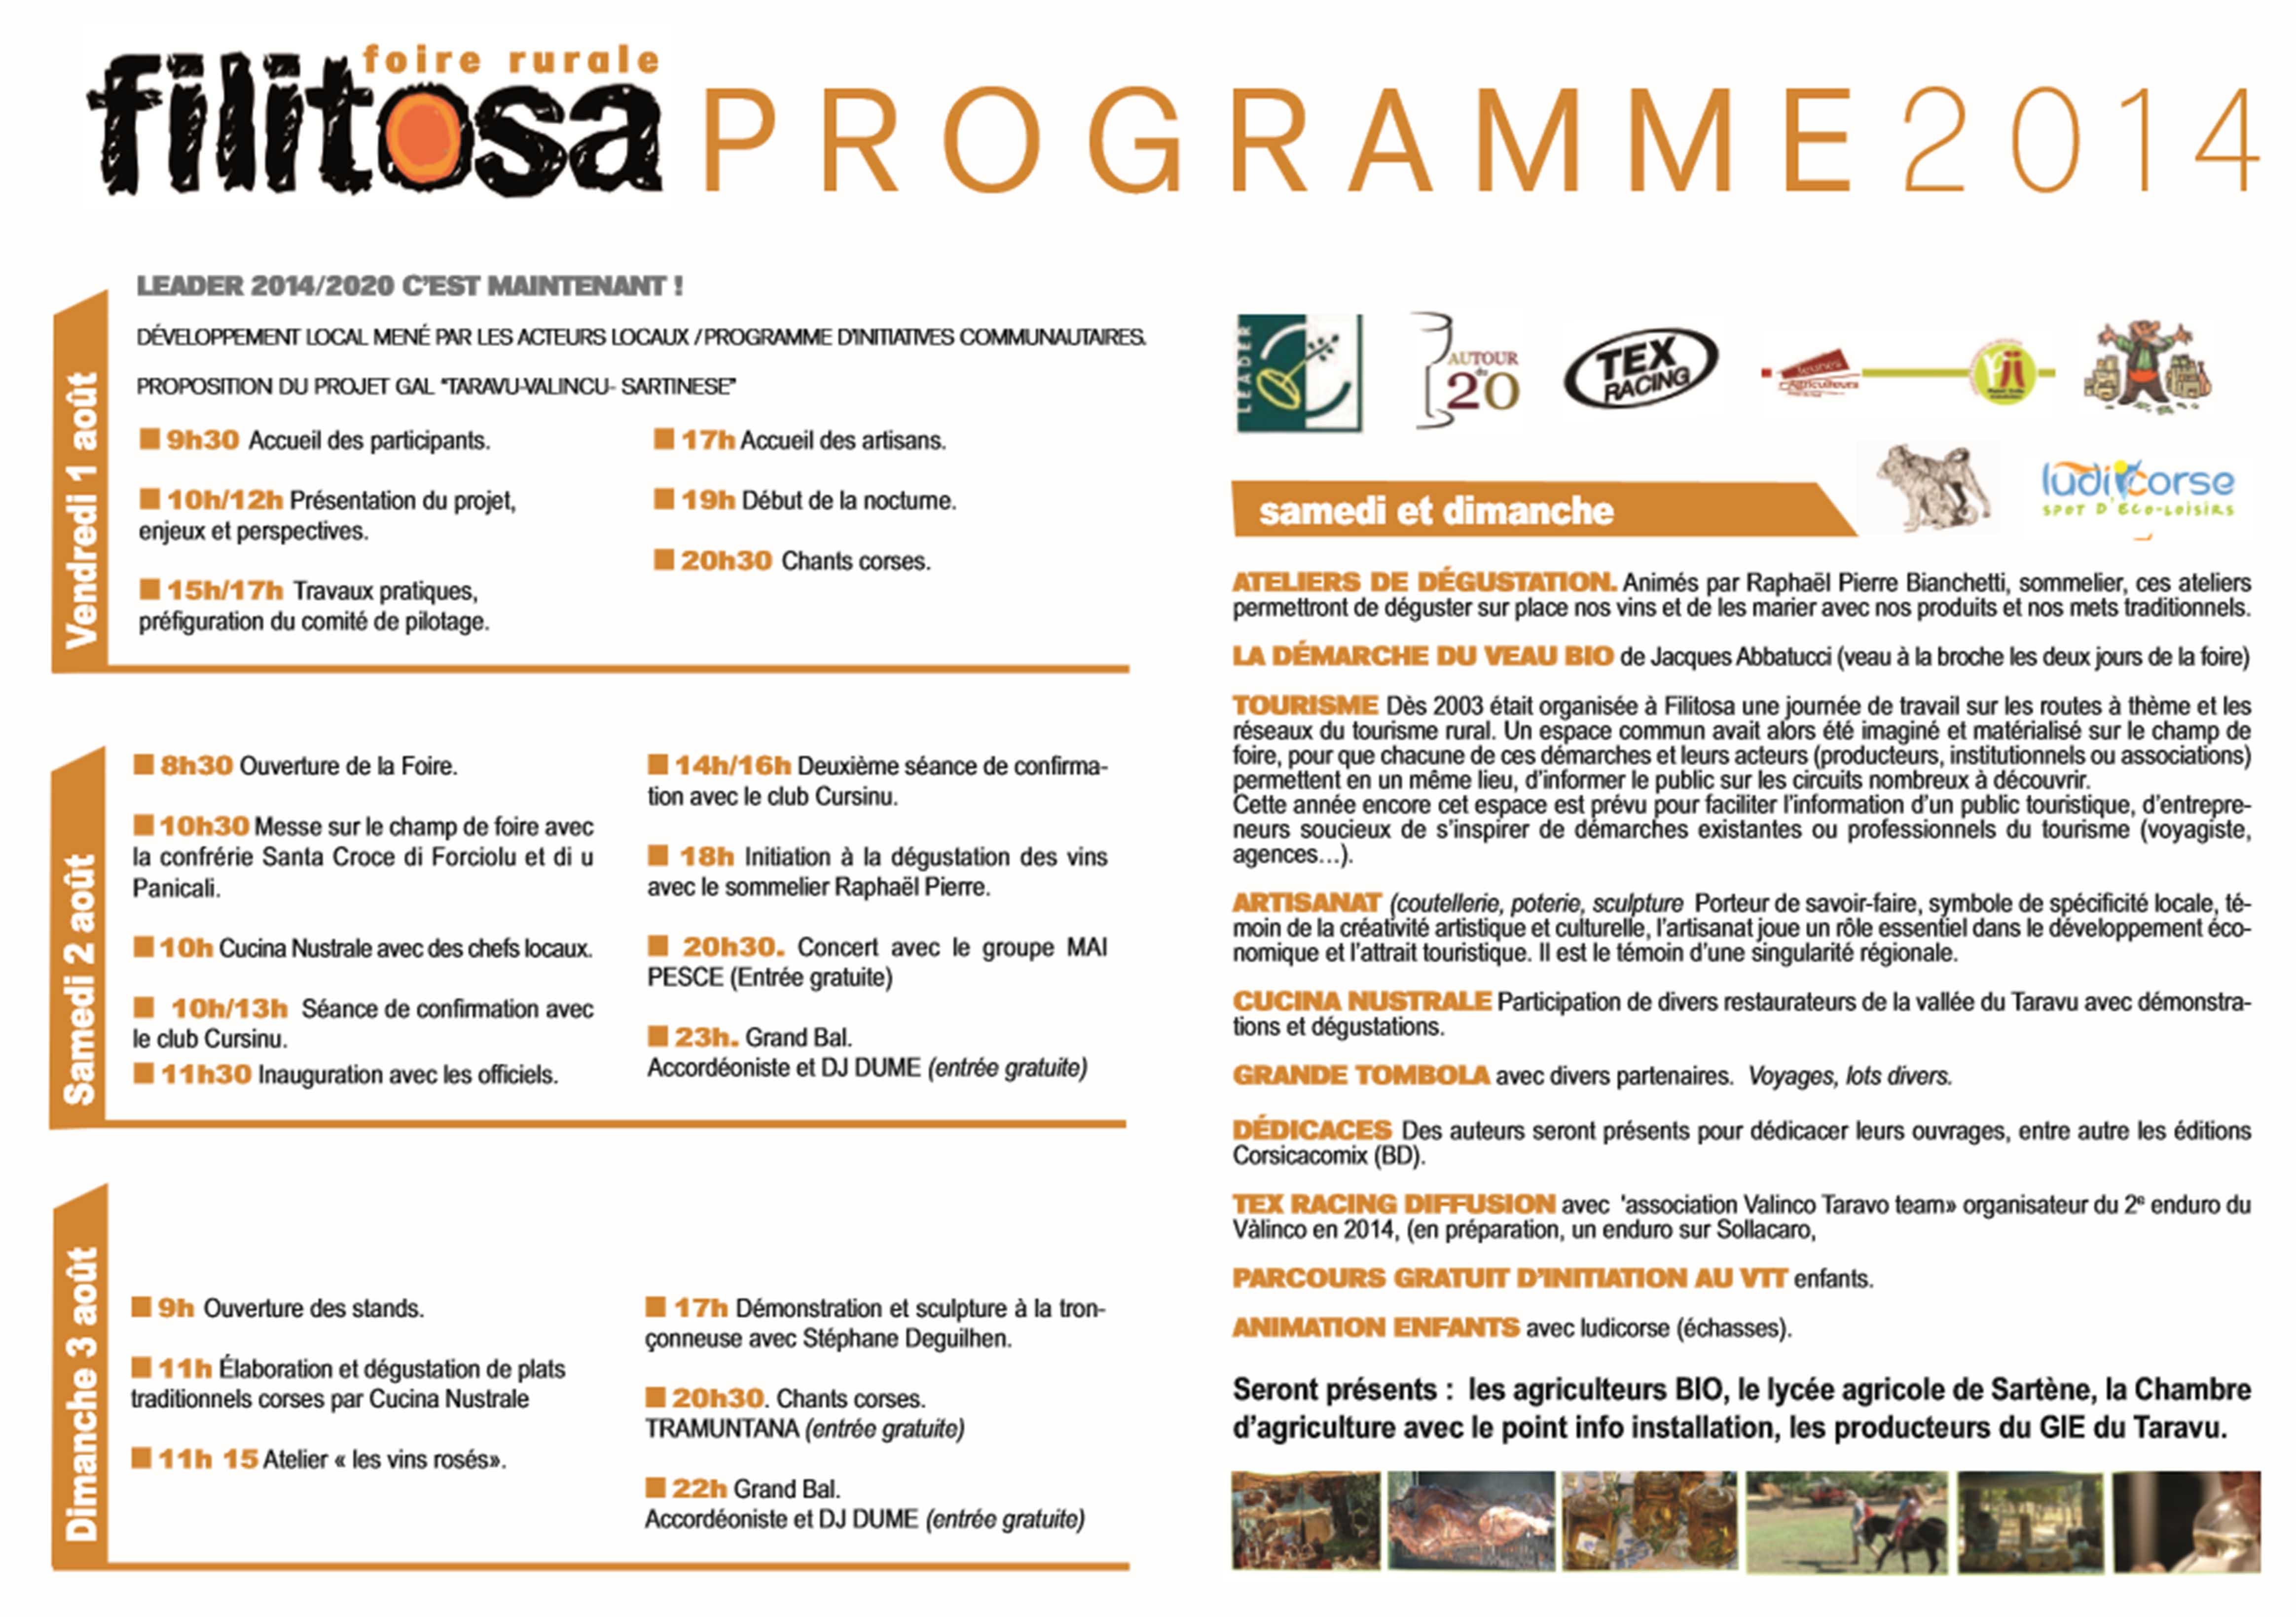 La 22ème foire artisanale et agricole de Filitosa dès vendredi